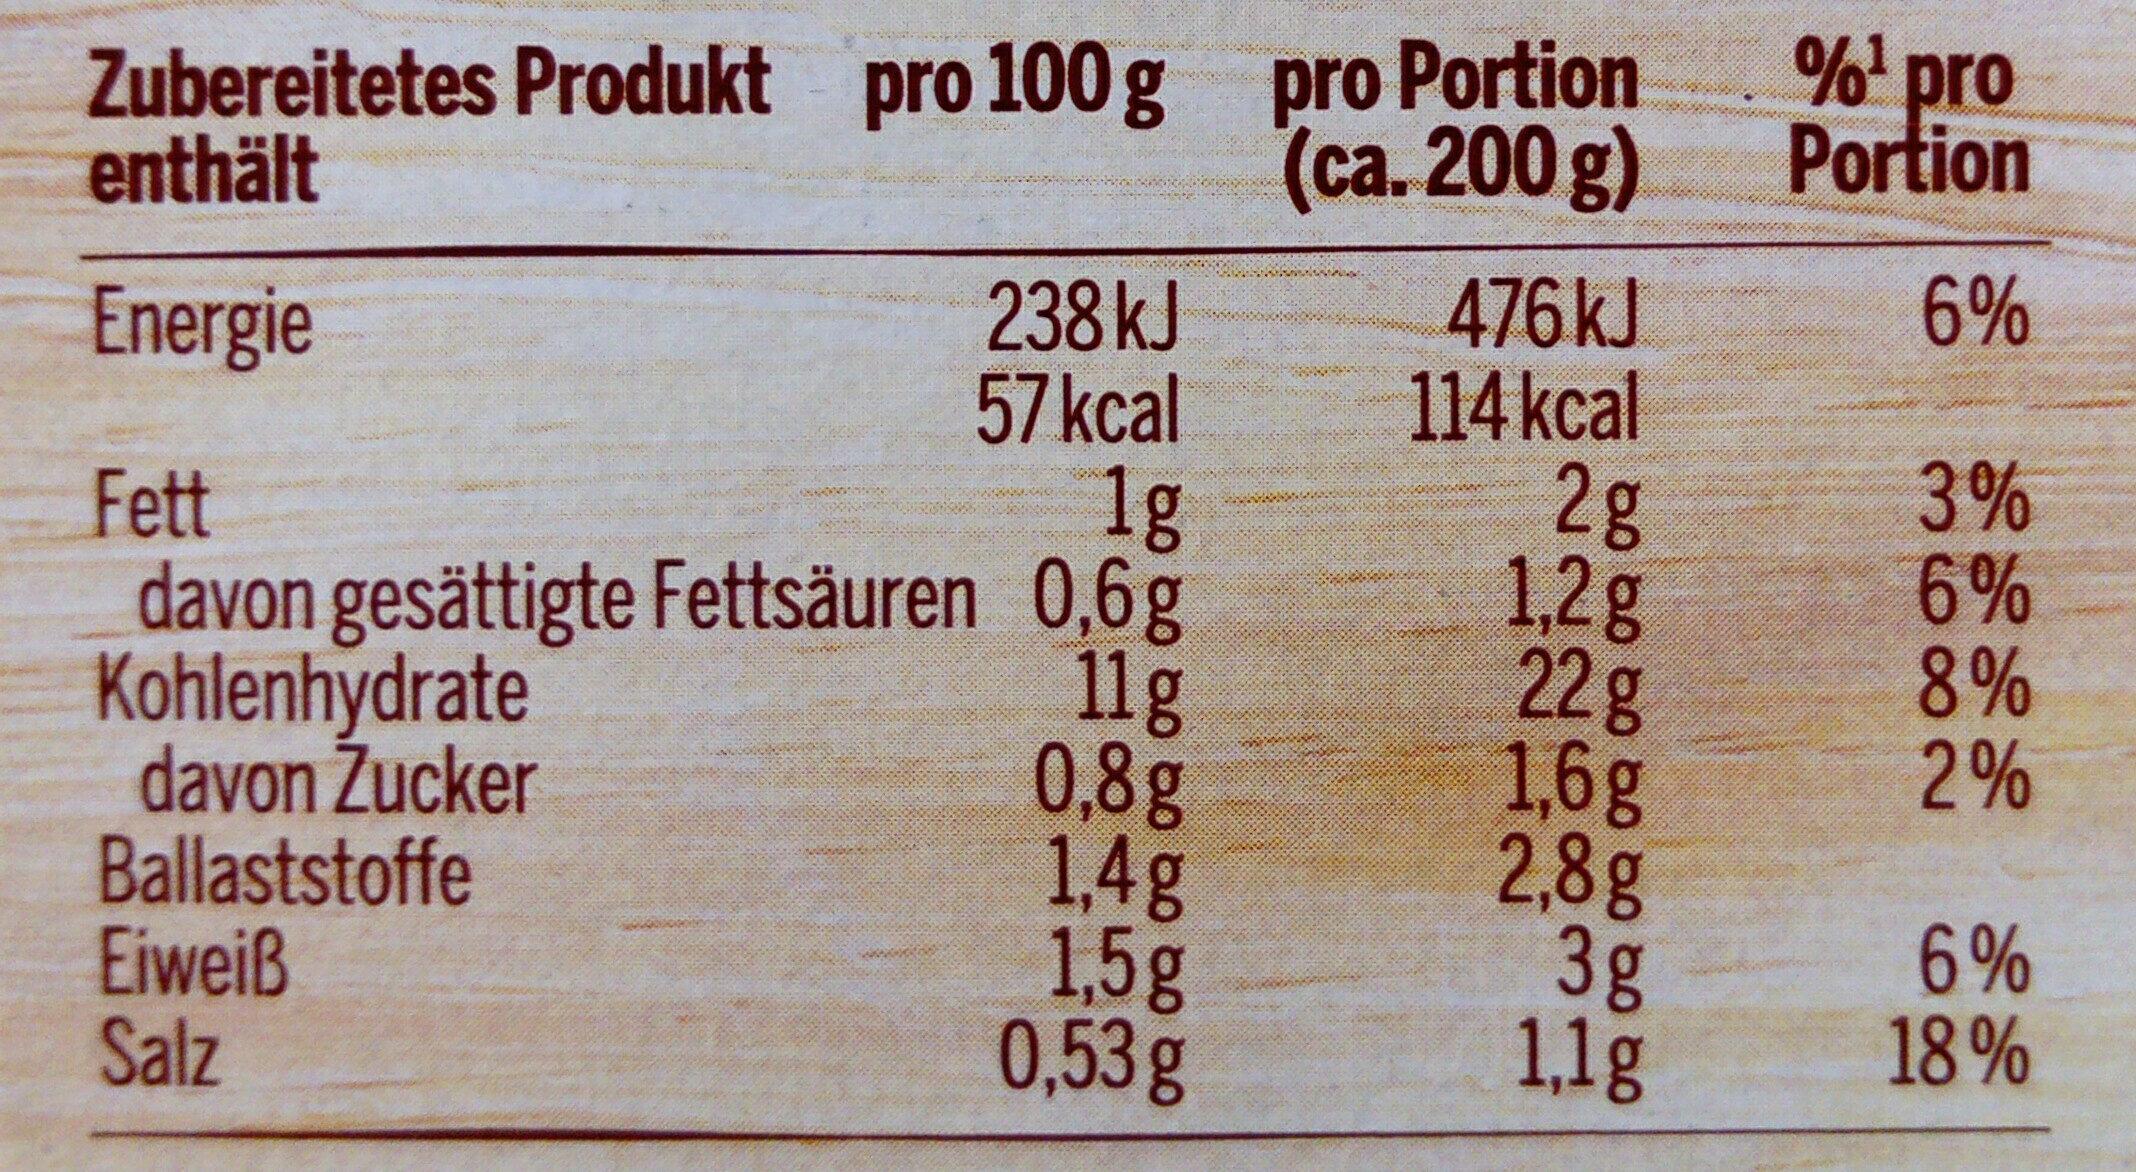 Kartoffelpüree - das Komplette - Informazioni nutrizionali - de